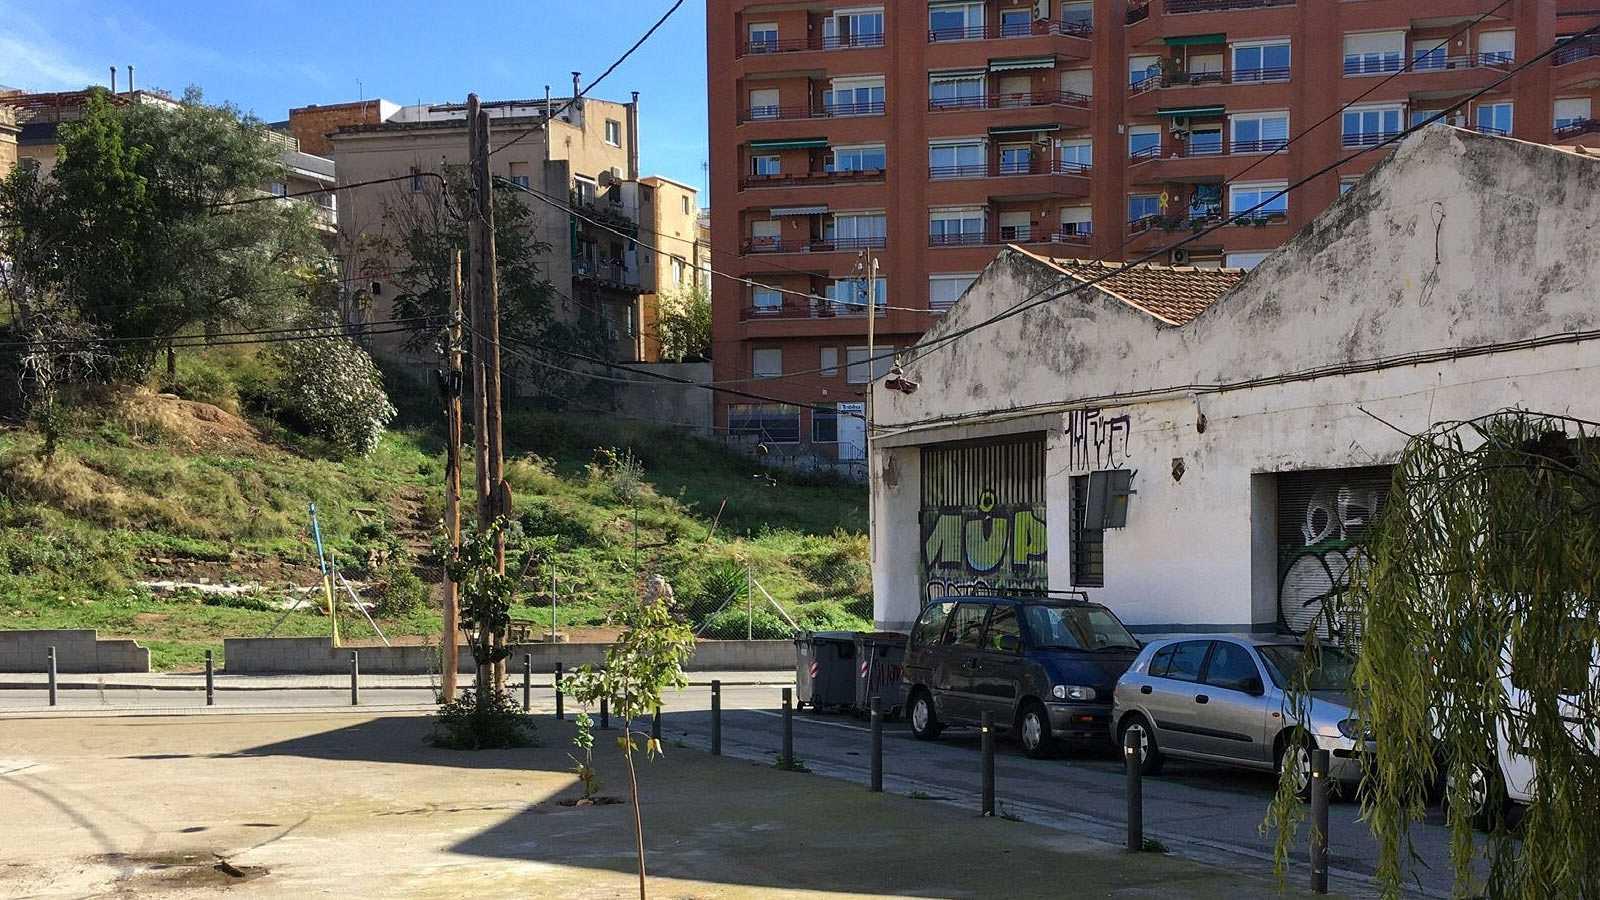 Després del col·lapse - La força veïnal - El Barri de Vallcarca de Barcelona  - escoltar ara -